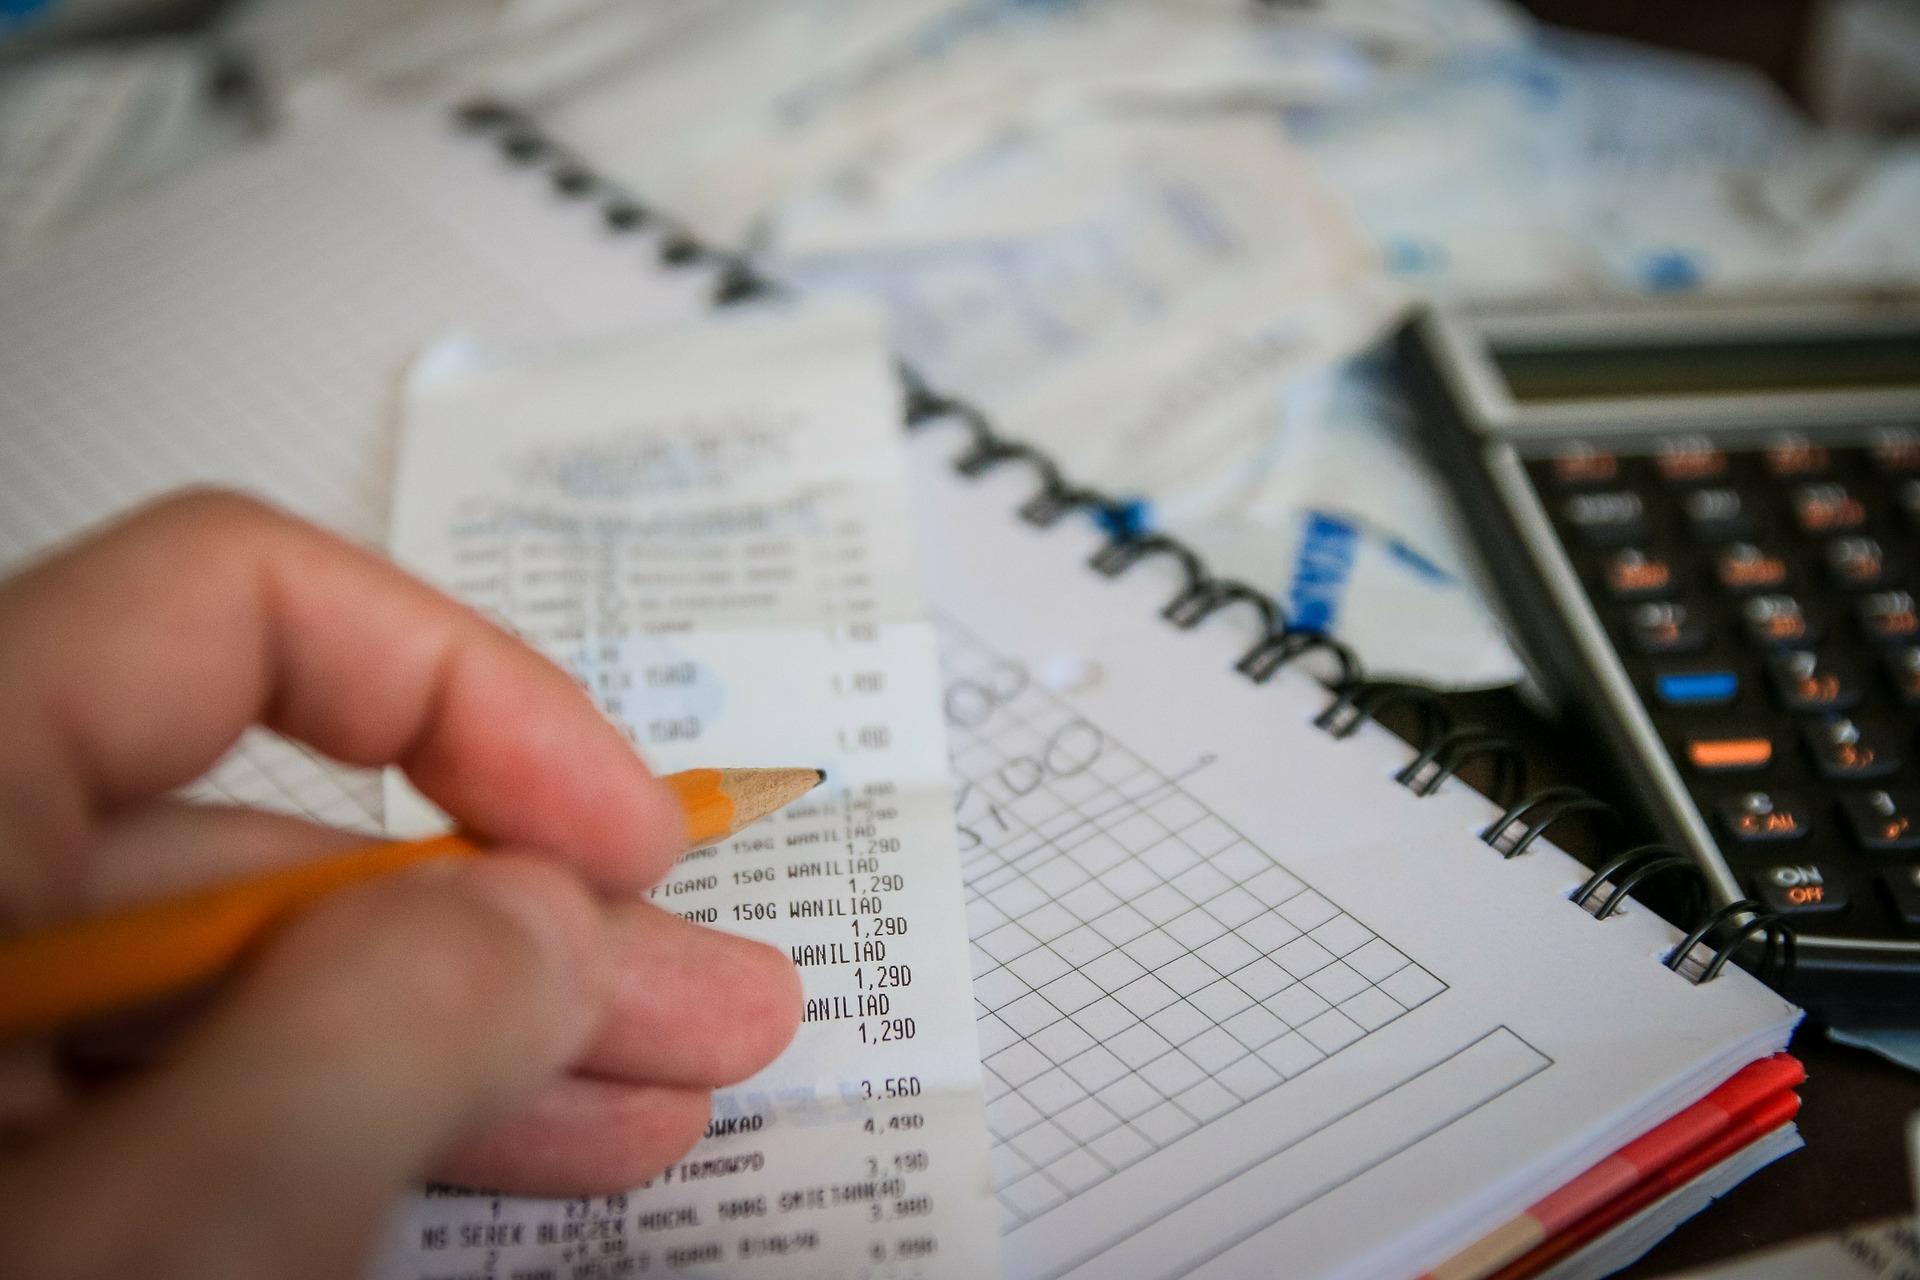 Steuerberatung - Symbolbild